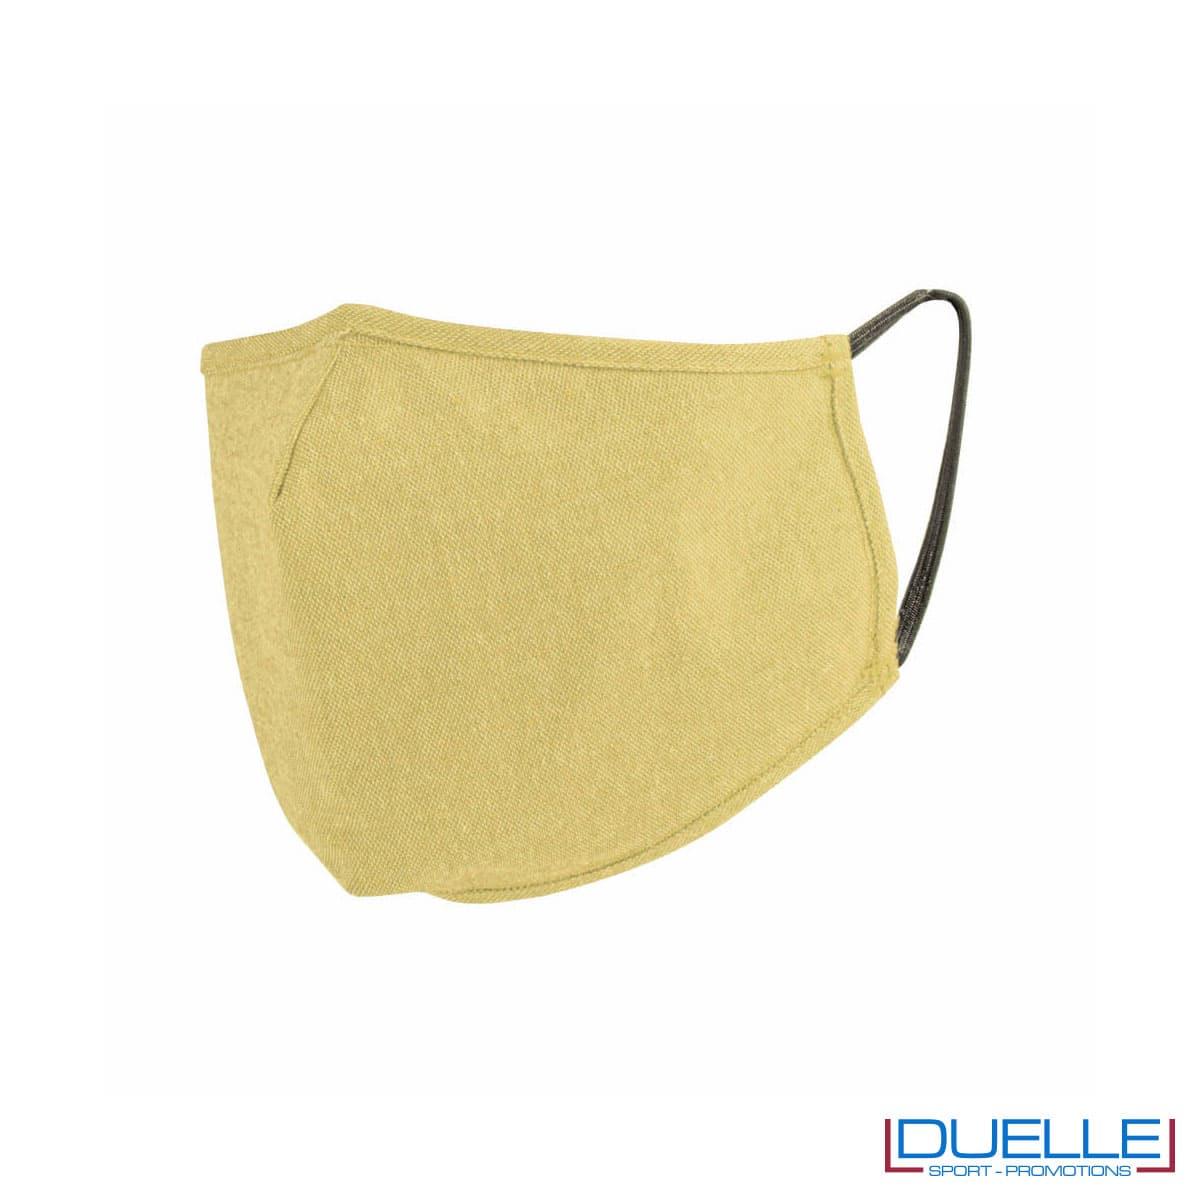 Mascherina protettiva triplo strato lavabile in cotone riciclato colore giallo